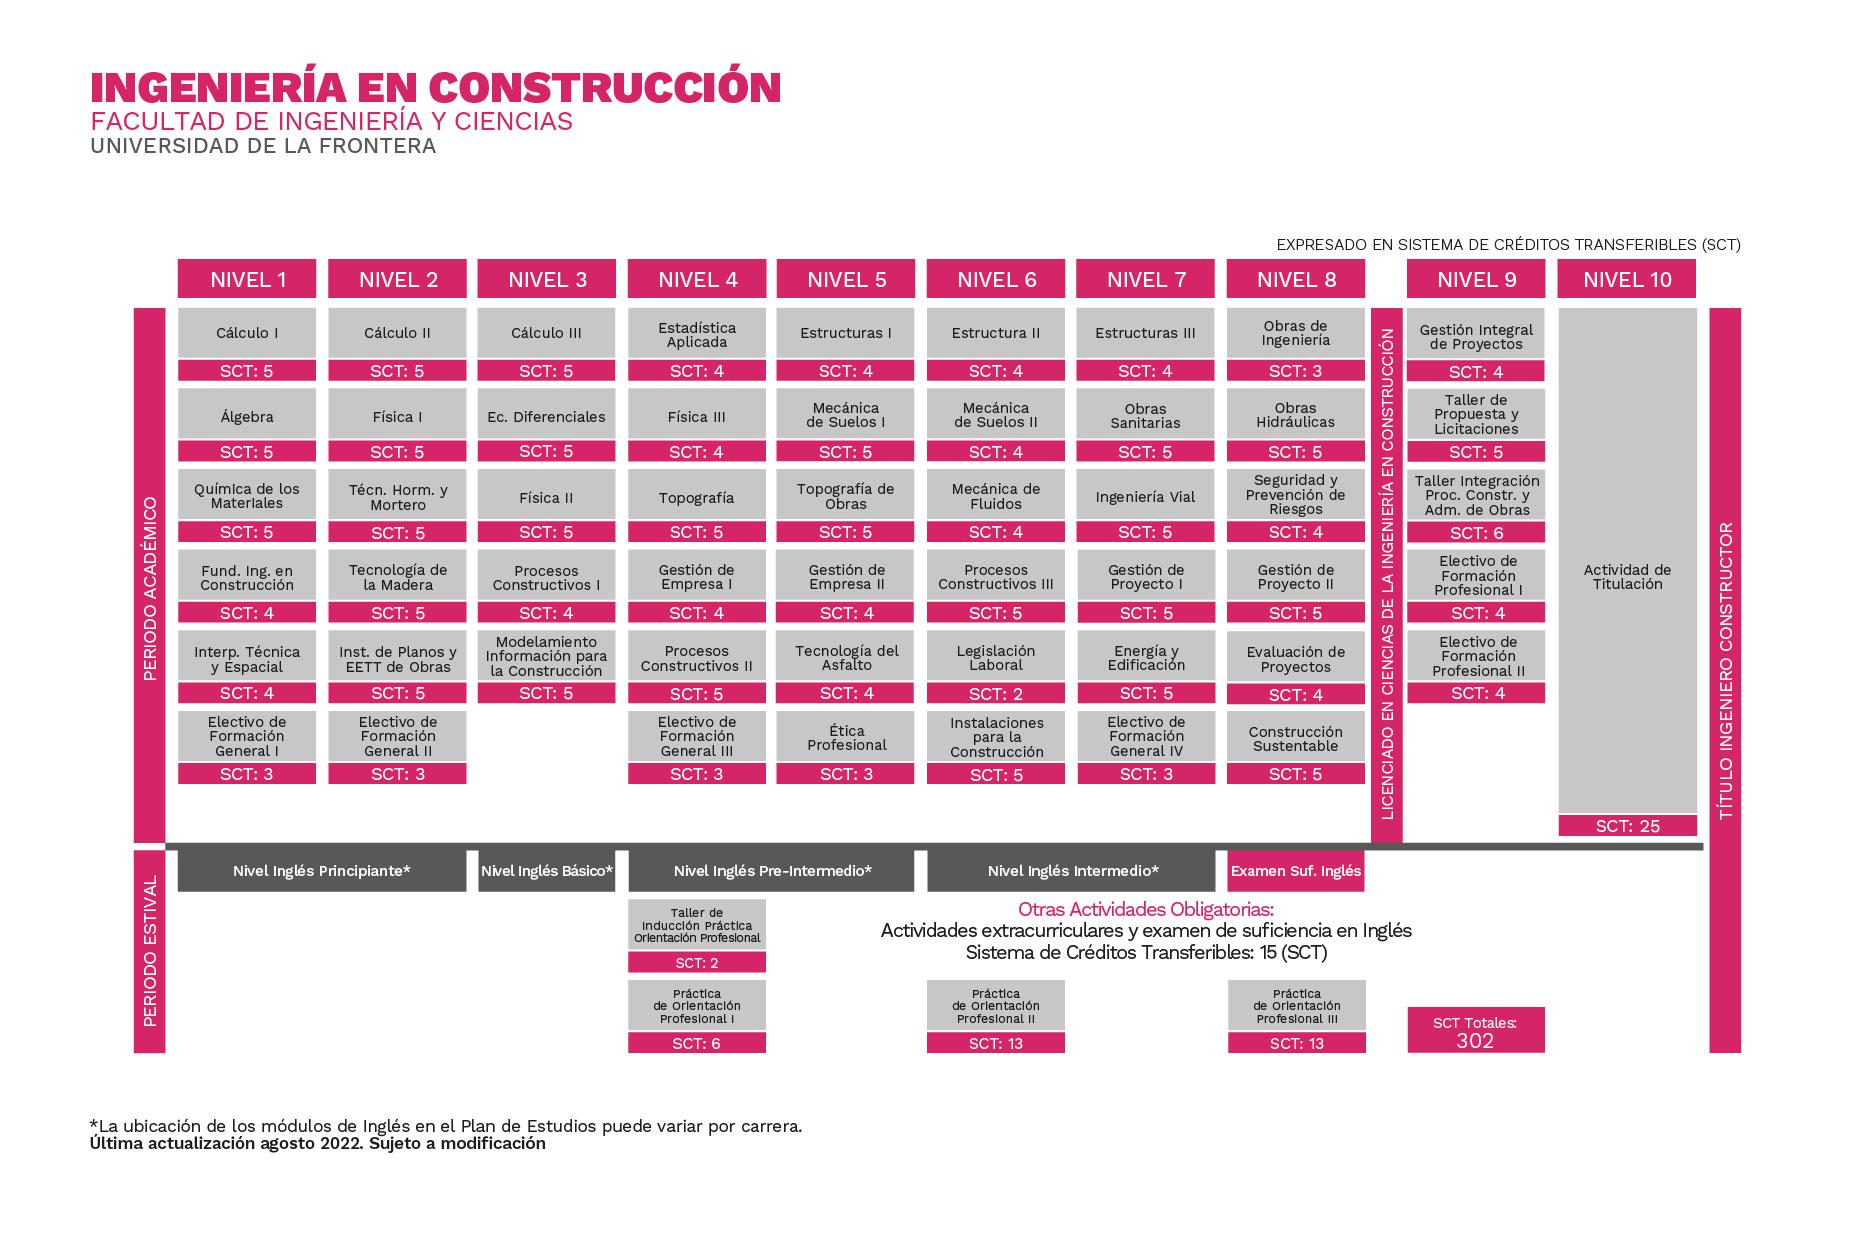 Plan de Estudios Ingeniería en Construcción